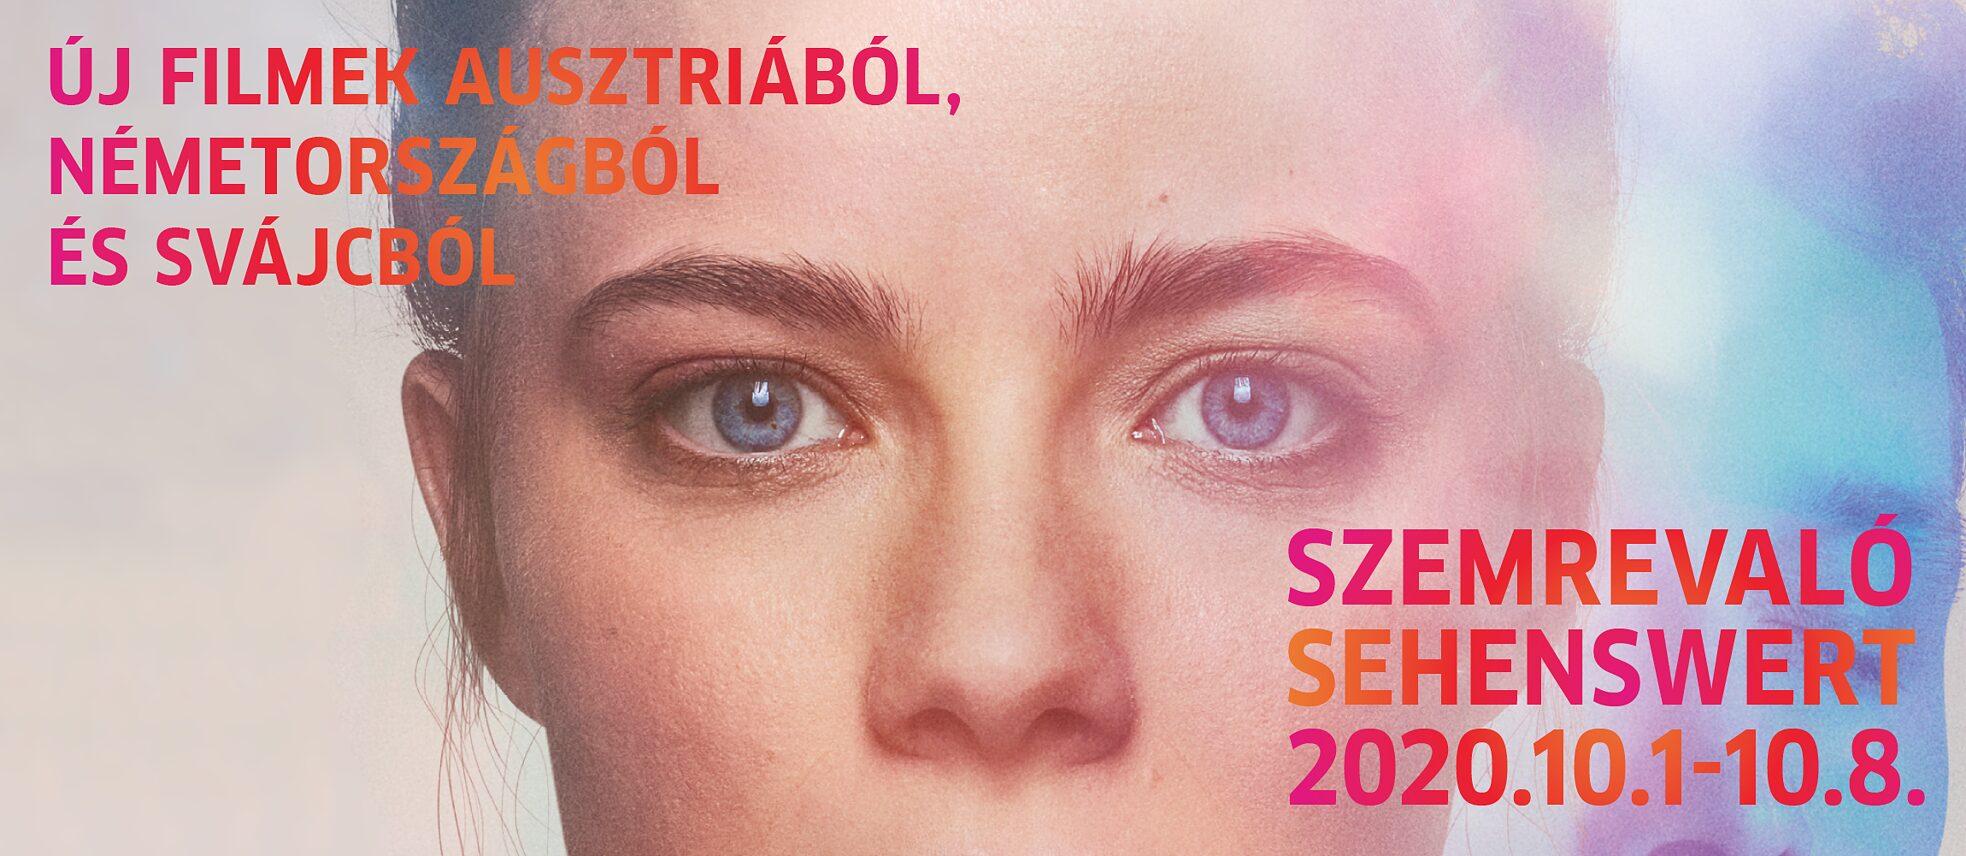 Sehenswert – Ein Festival mit den besten deutschsprachigen Filmen post's picture